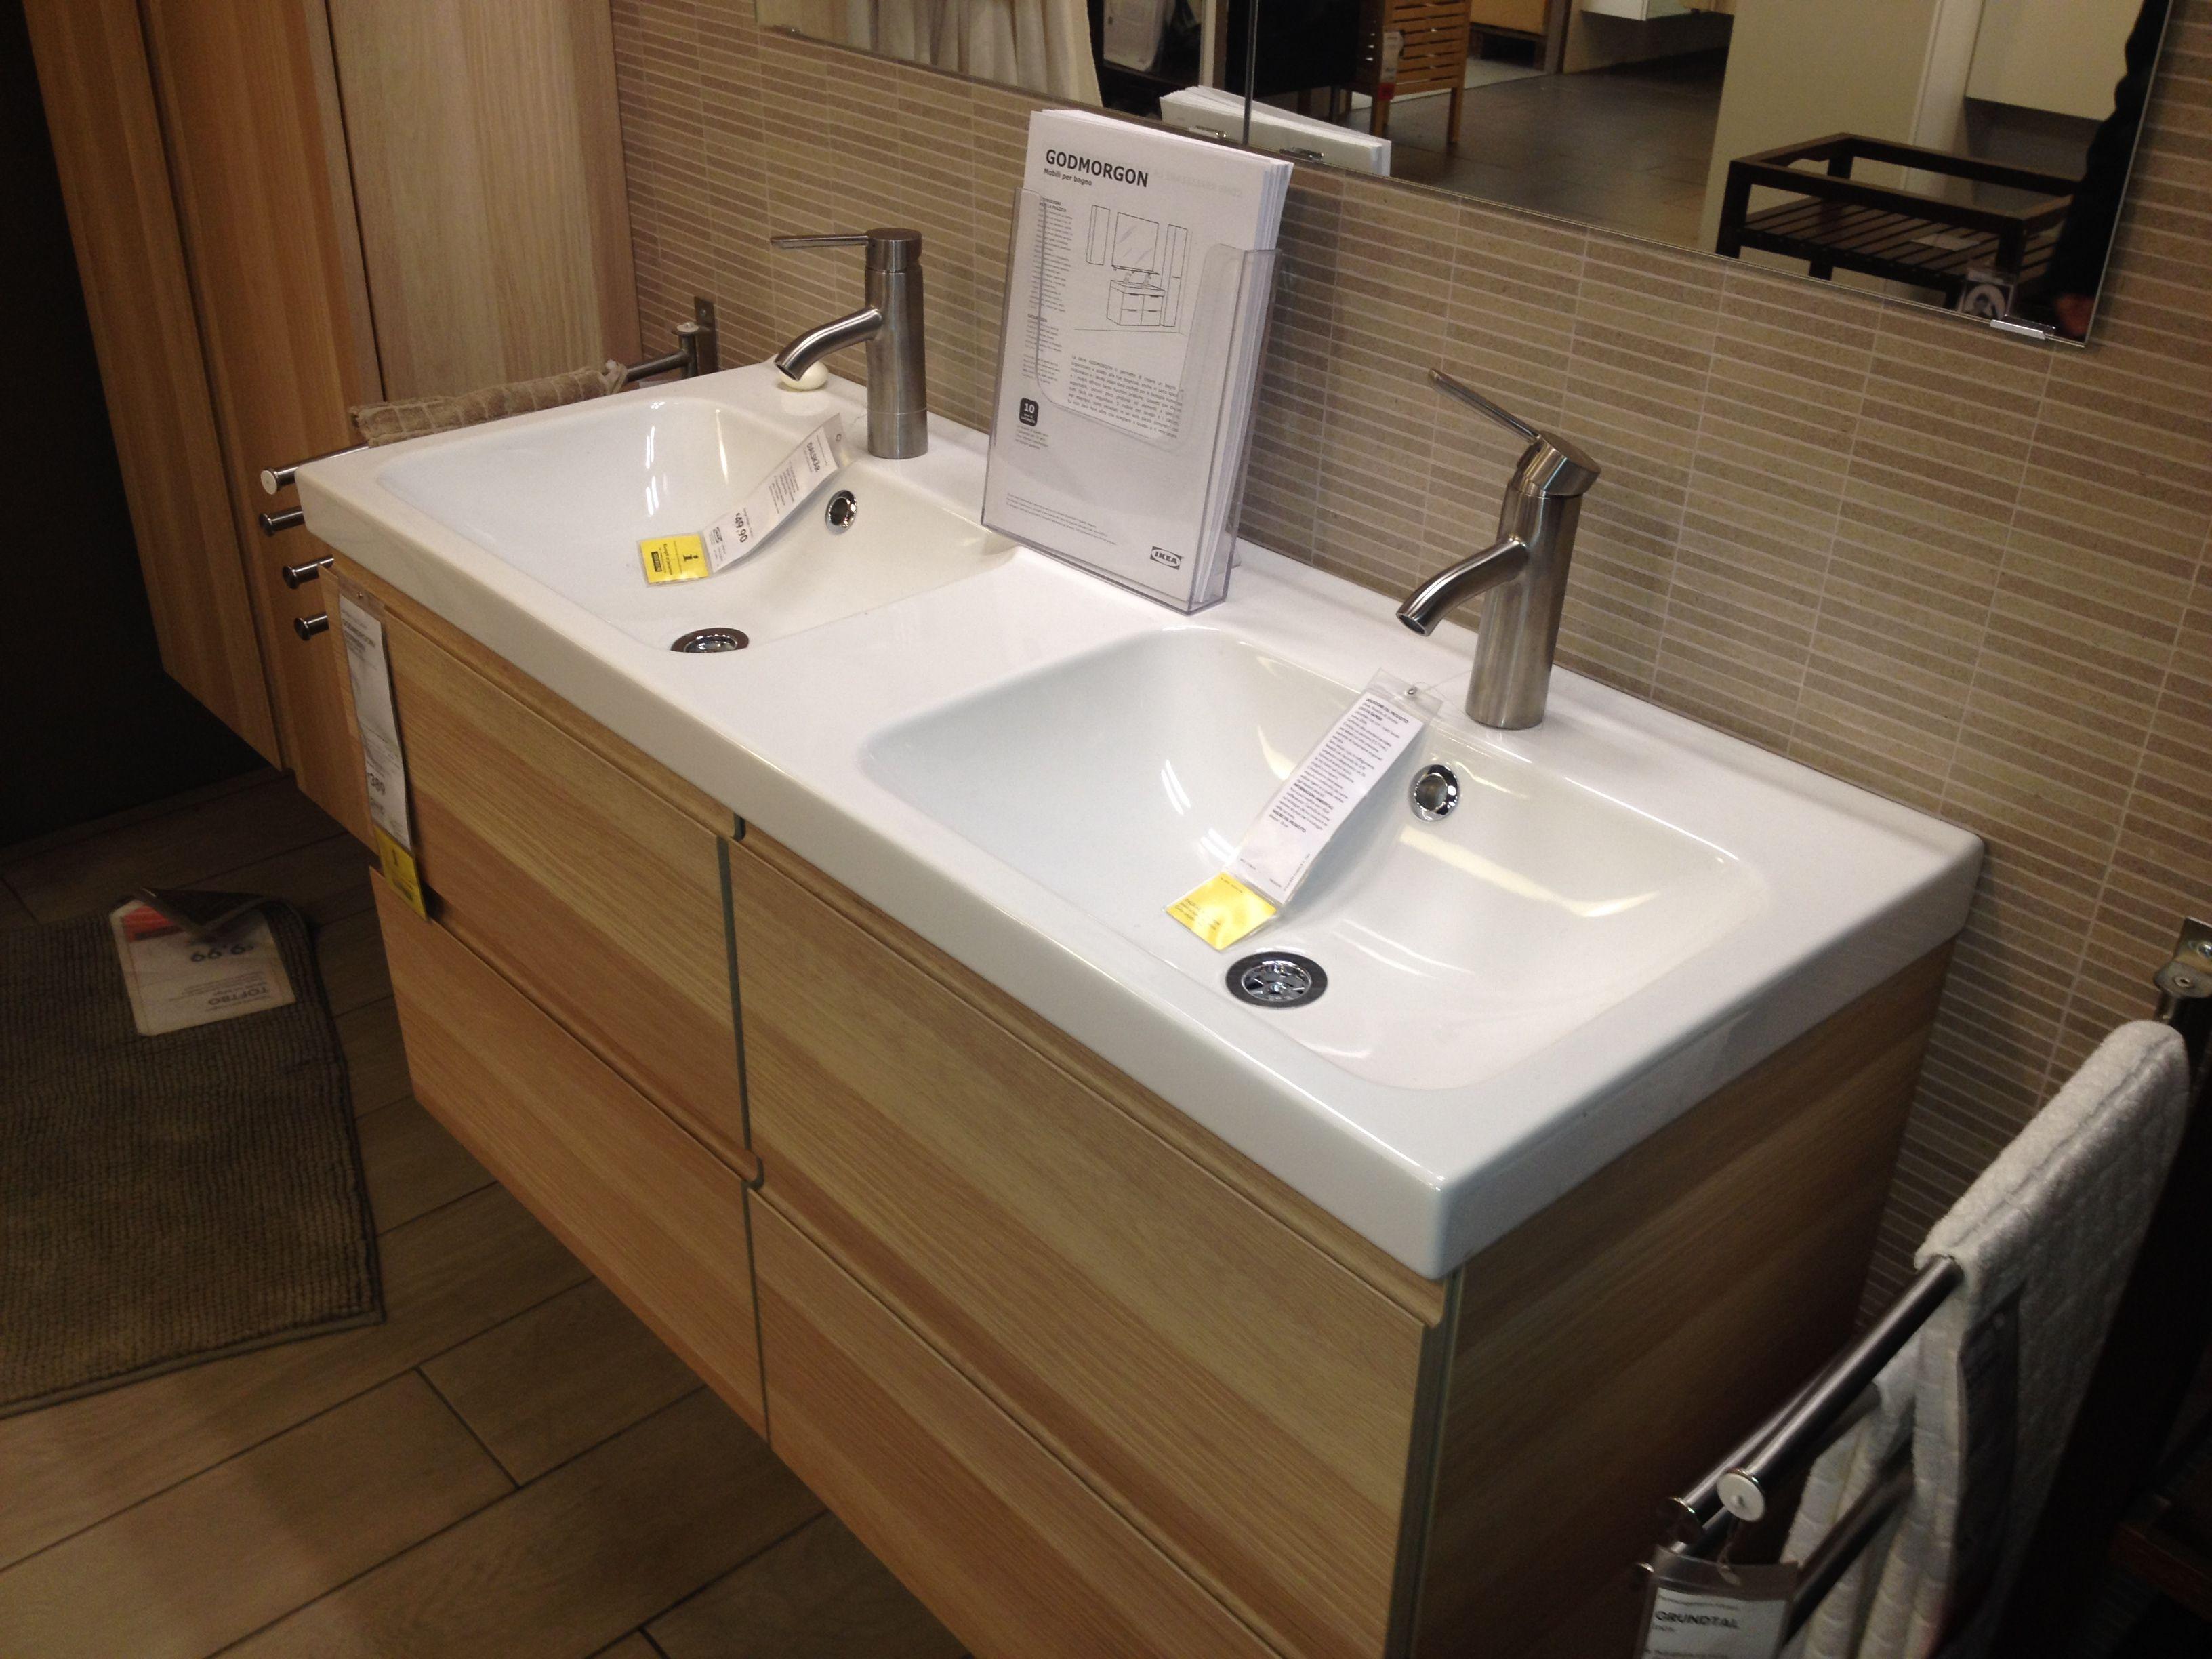 Mobile Bagno Ikea Immagini doppio lavabo ikea | mobile bagno, bagno ikea, doppio lavabo